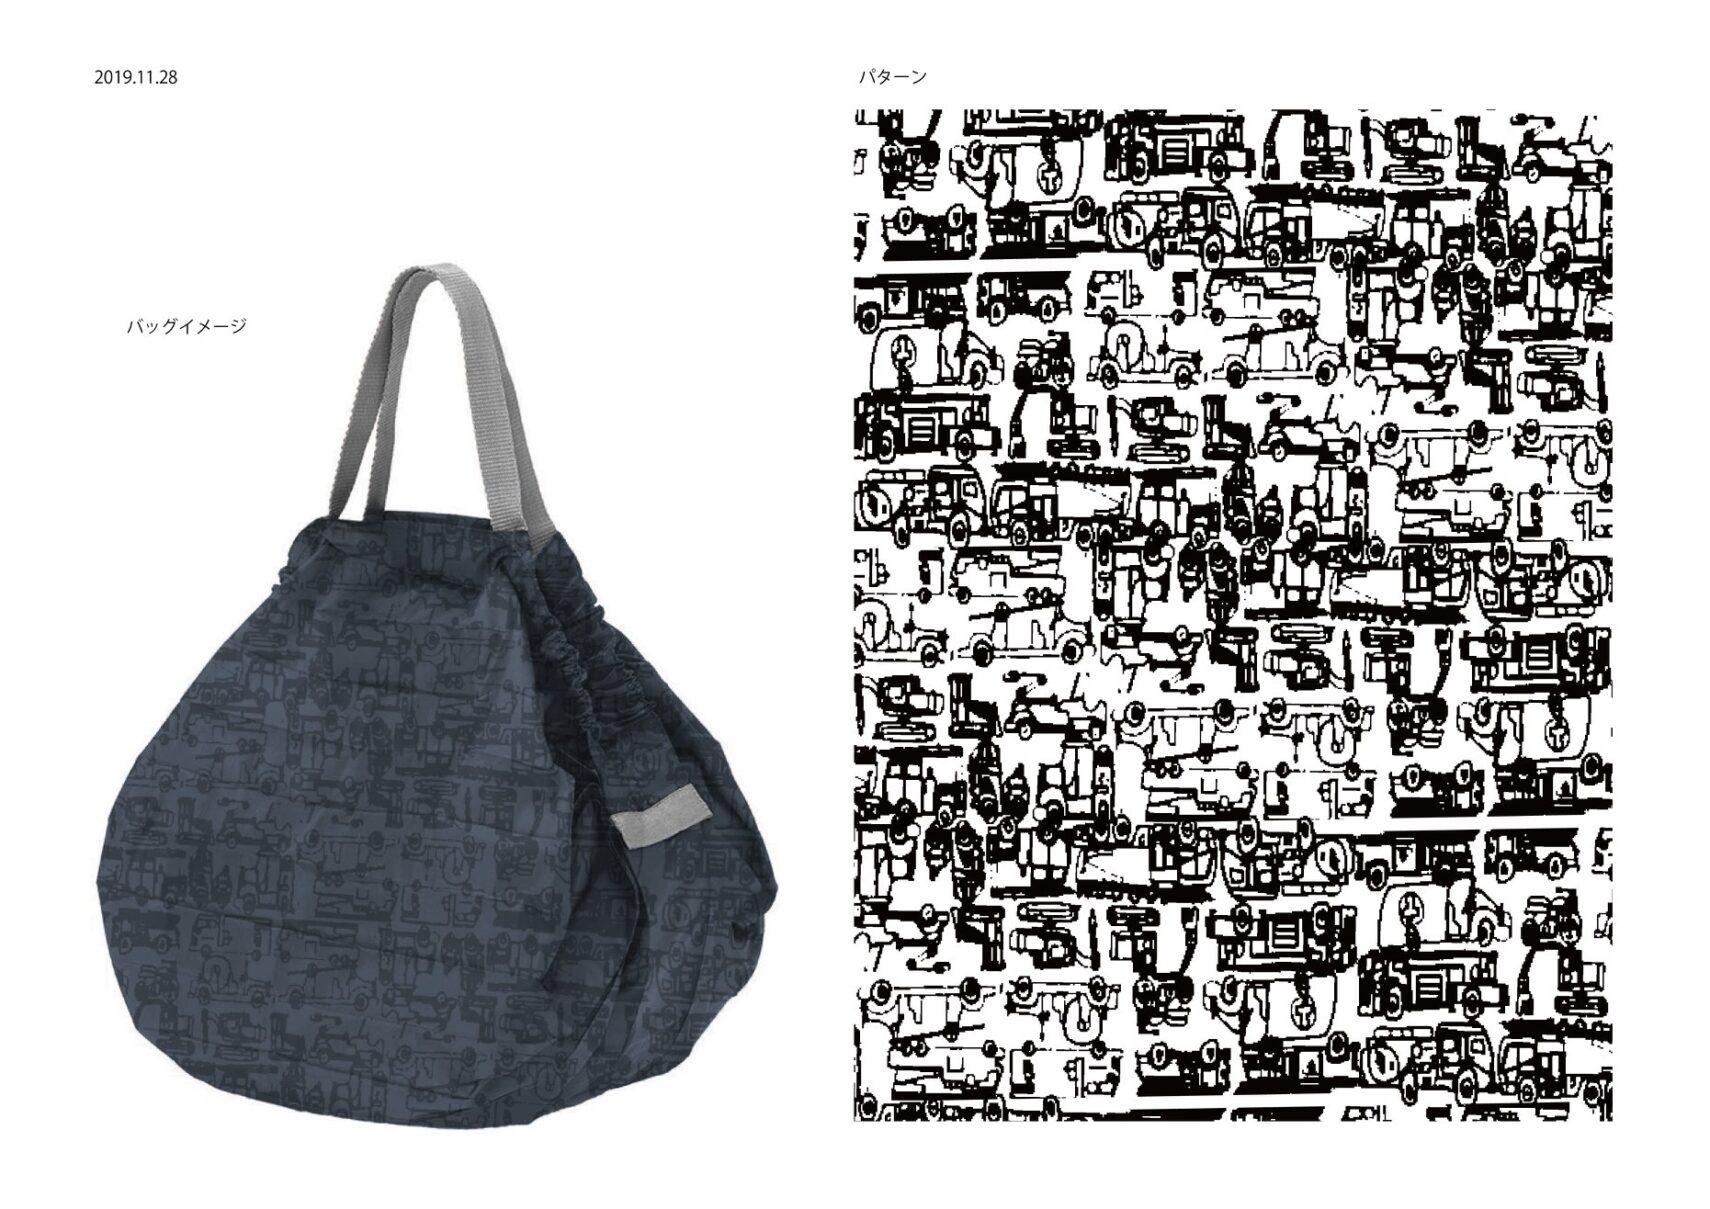 バッグとパターン